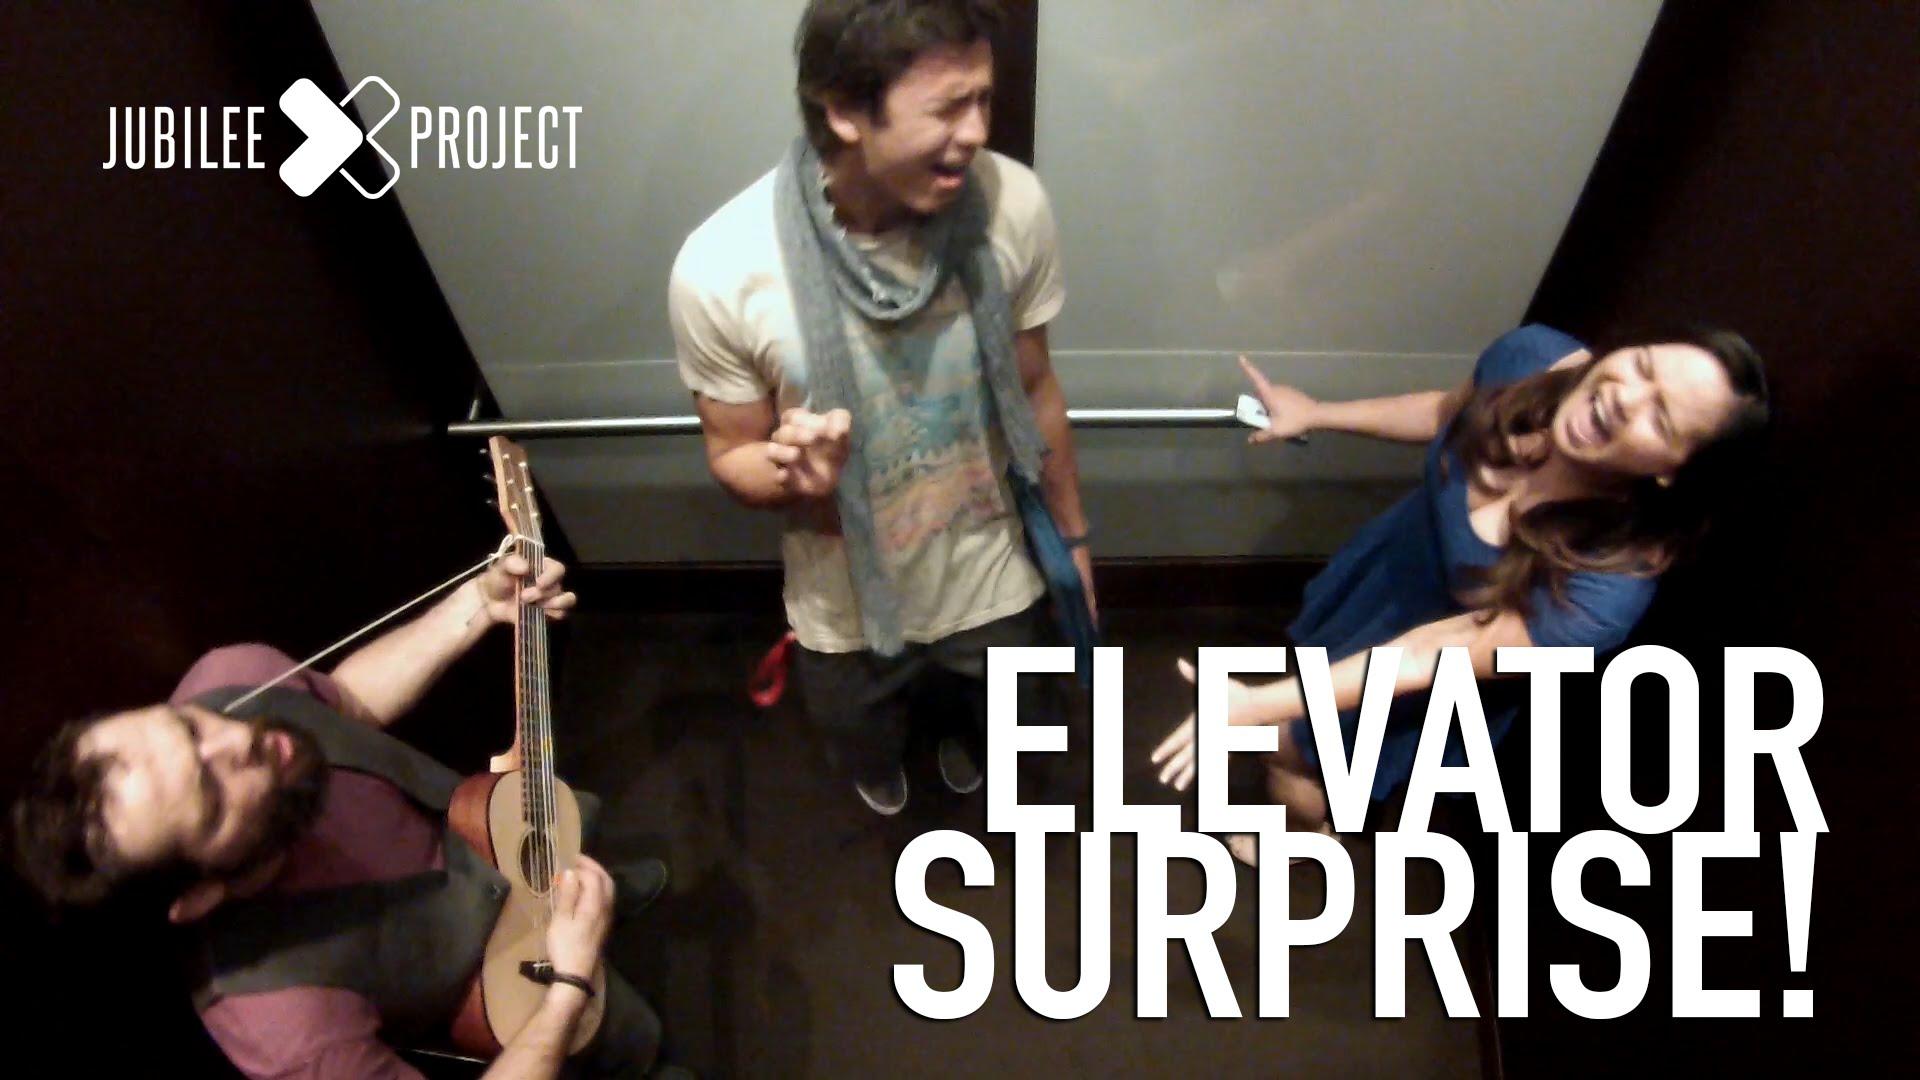 Pegadinha do bem: em vez de susto, as pessoas que entravam neste elevador ganhavam motivos para sorrir 1